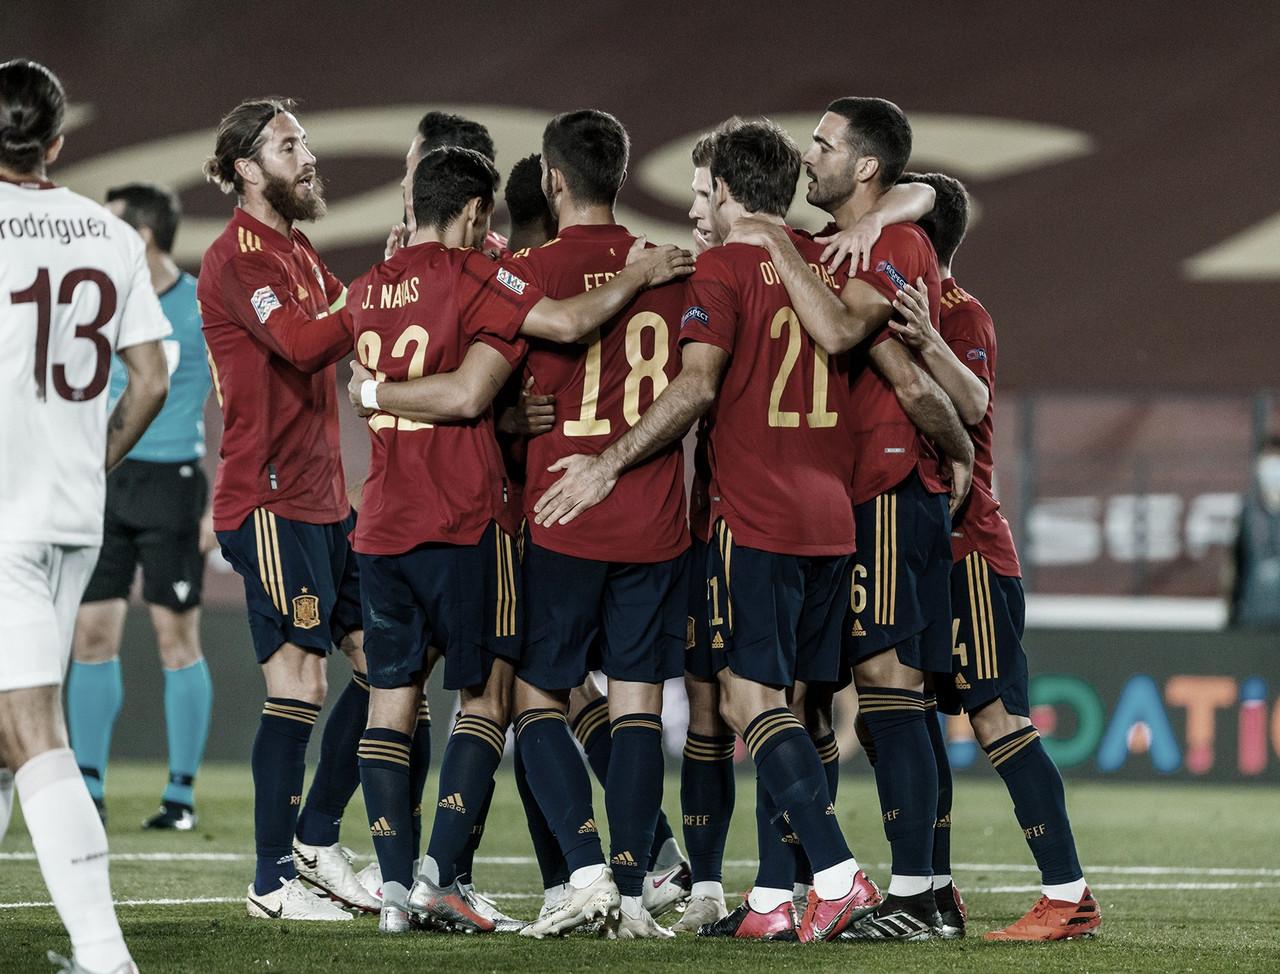 Foto: Divulgação/Seleção Espanhola